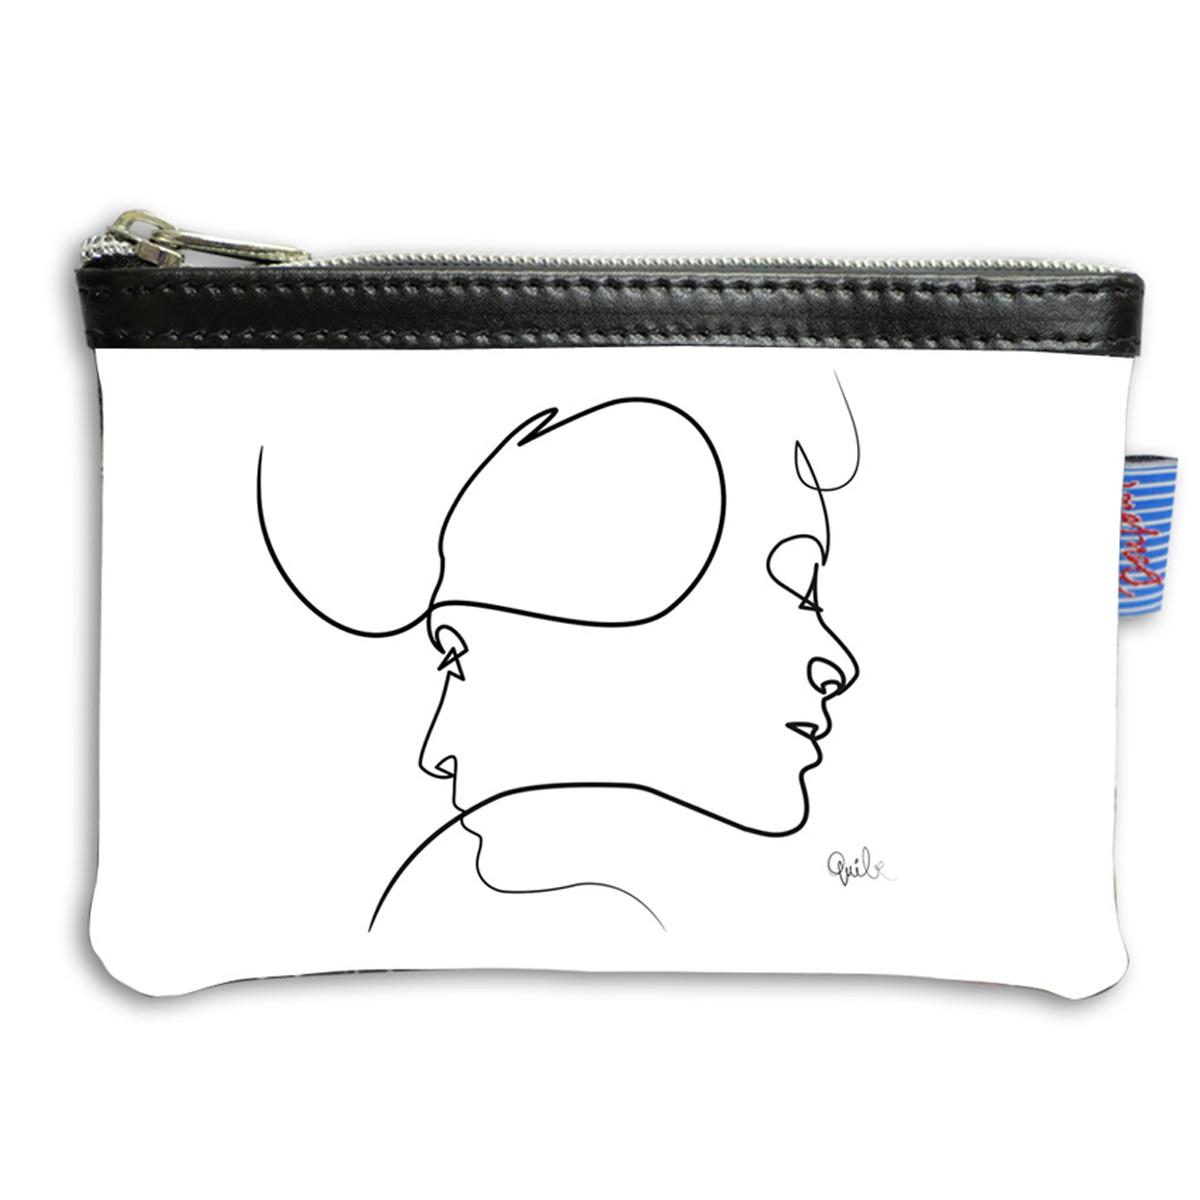 Pochette trousse artisanale \'Quibe\' blanc noir (Presque - visages) - 14x10x2 cm - [A0324]